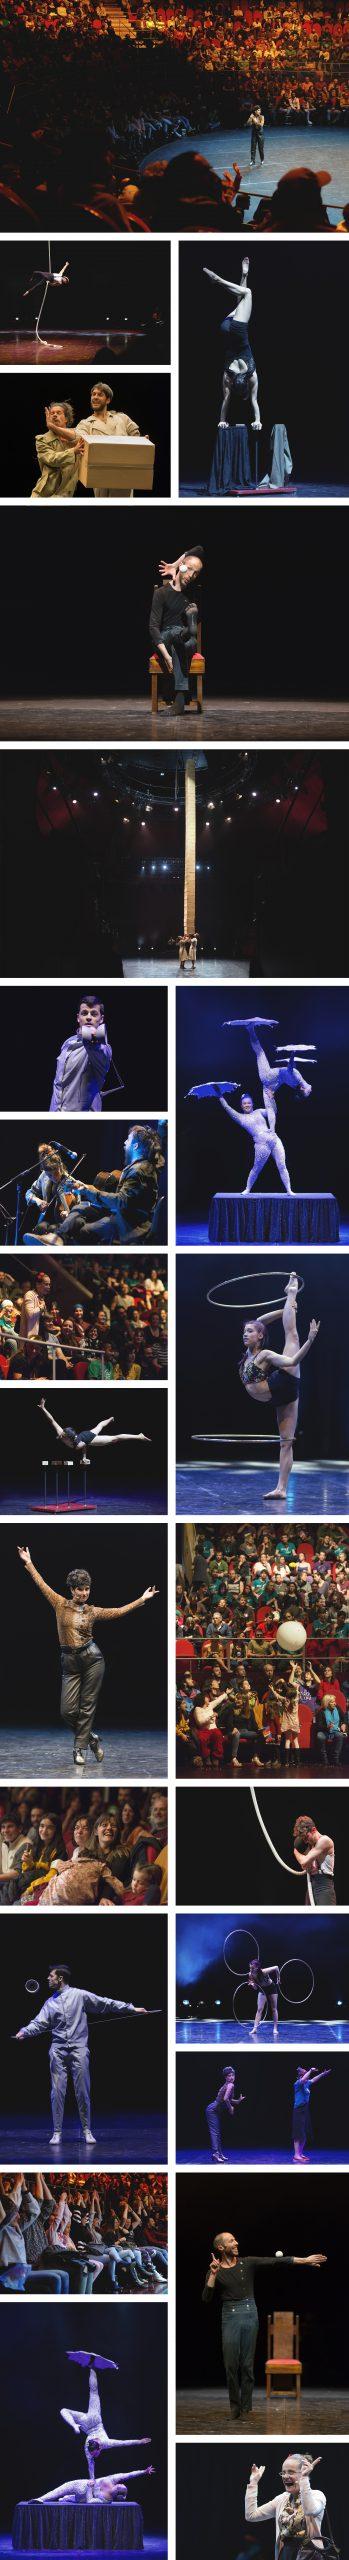 Mai Ibargüen. Fotógrafa de Artes Escénicas y Eventos especializada en Circo en Zaragoza. Gran Gala Internacional de Circo en el Teatro Circo Price de Madrid. Encuentro Eucima